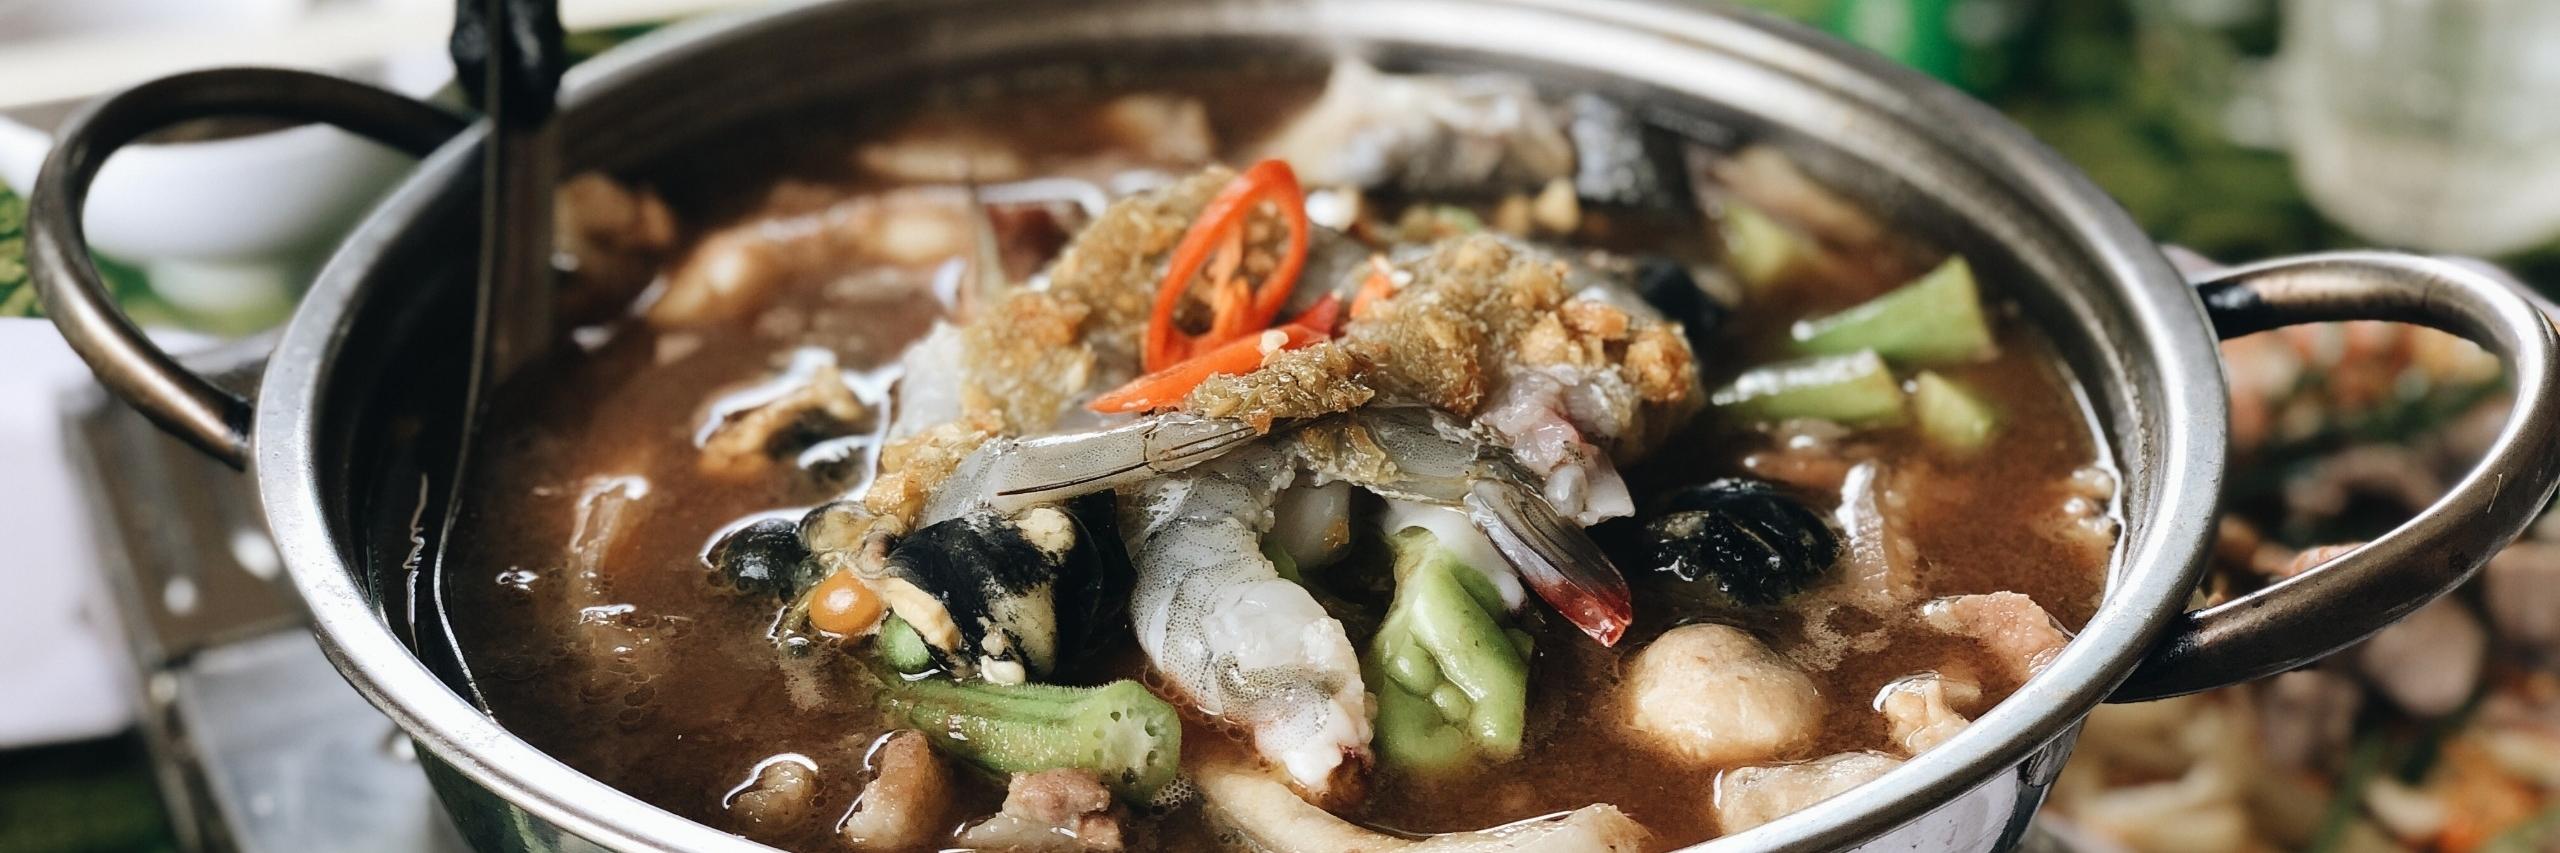 https://gody.vn/blog/hanguyen6557/post/khong-can-di-ve-mien-tay-thuong-thuc-5-quan-lau-mam-dam-da-huong-vi-tai-sai-gon-5349